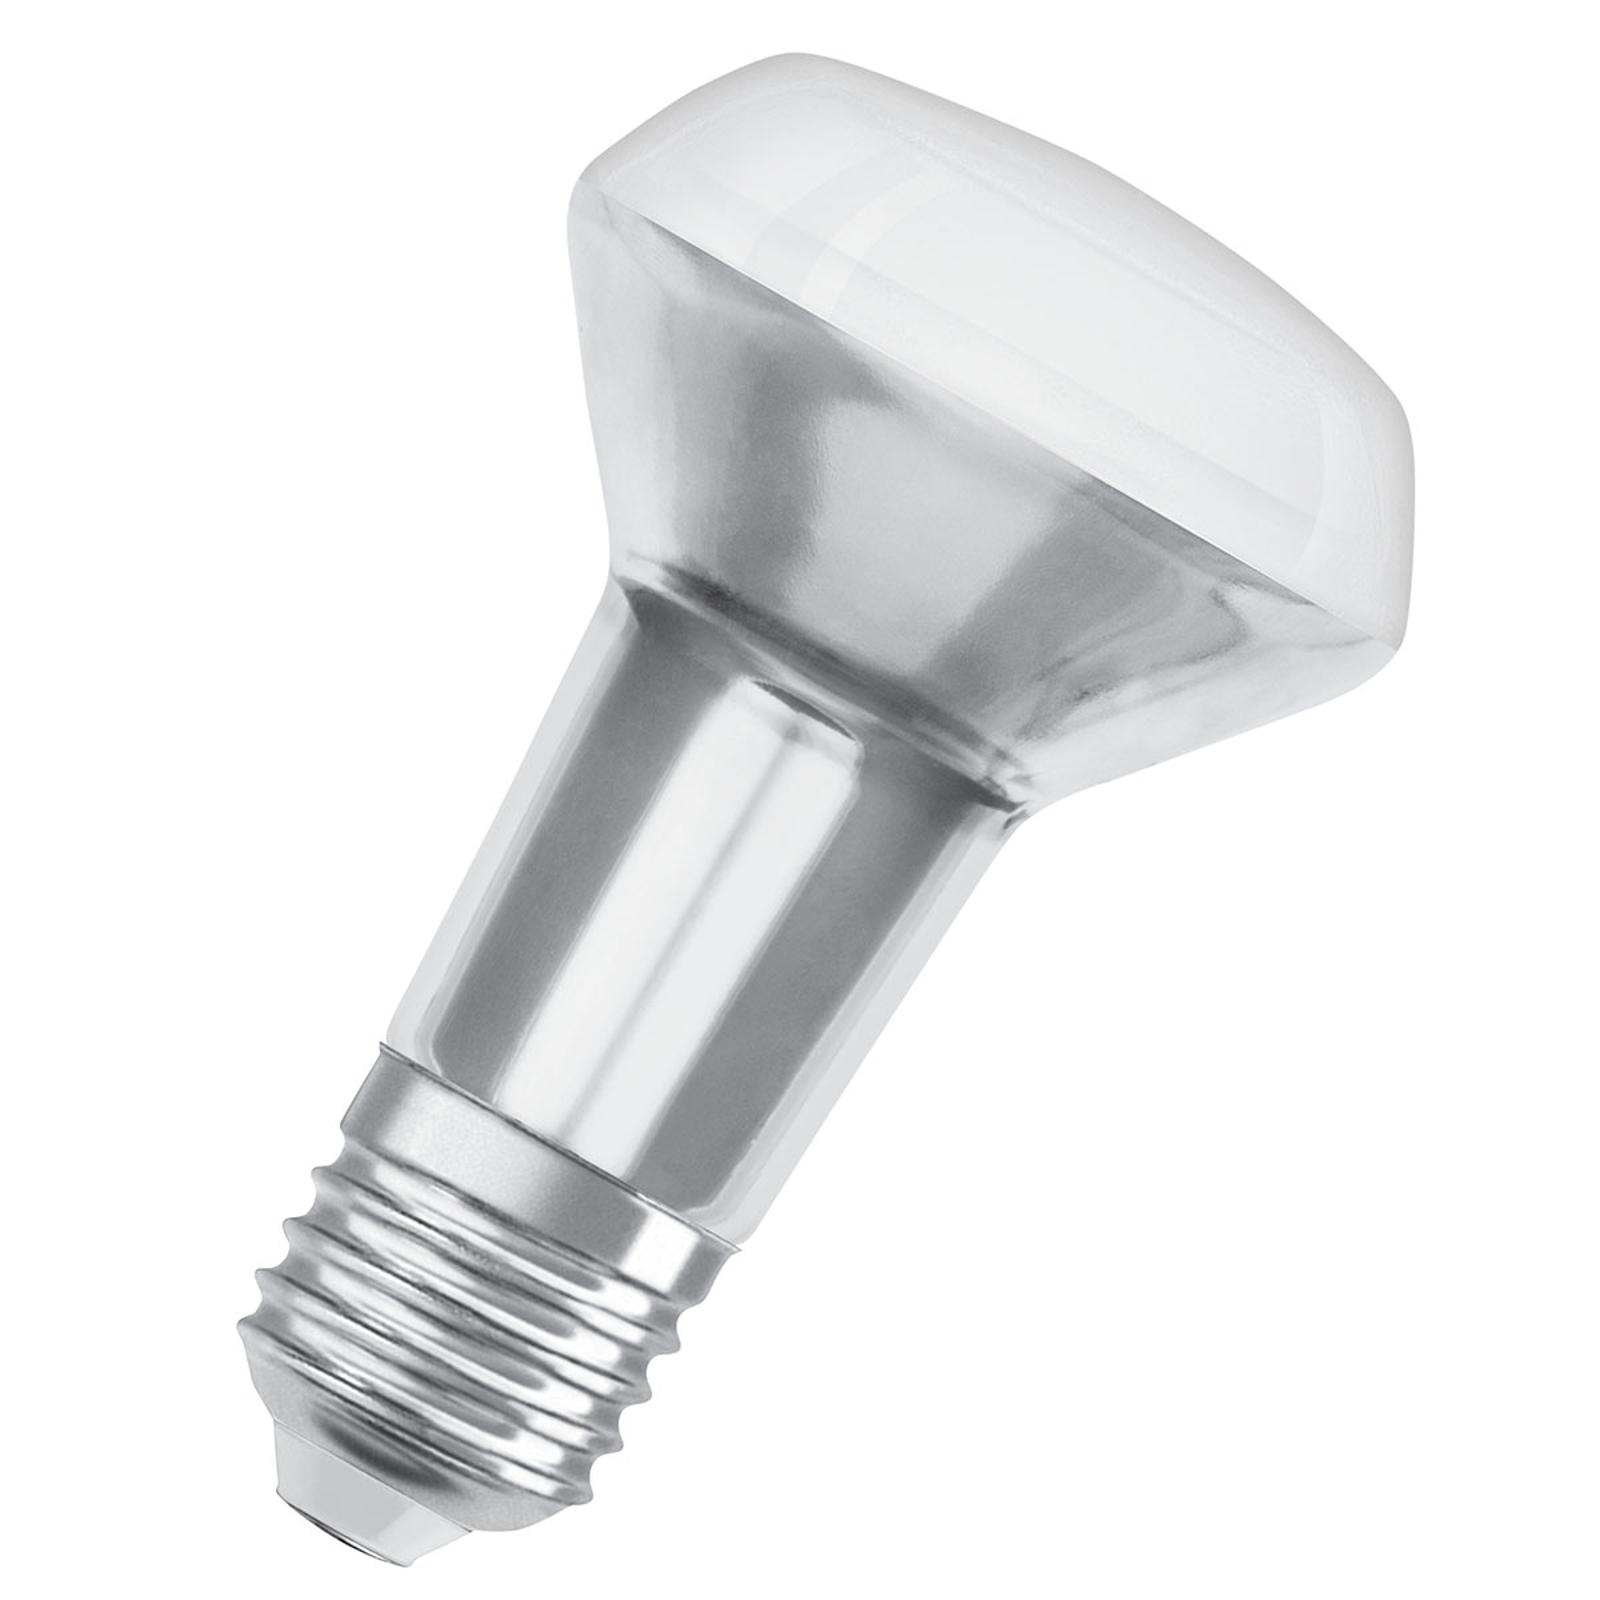 OSRAM-LED-lamppu E27 R63 5,9W 2700 K 36° himmennys